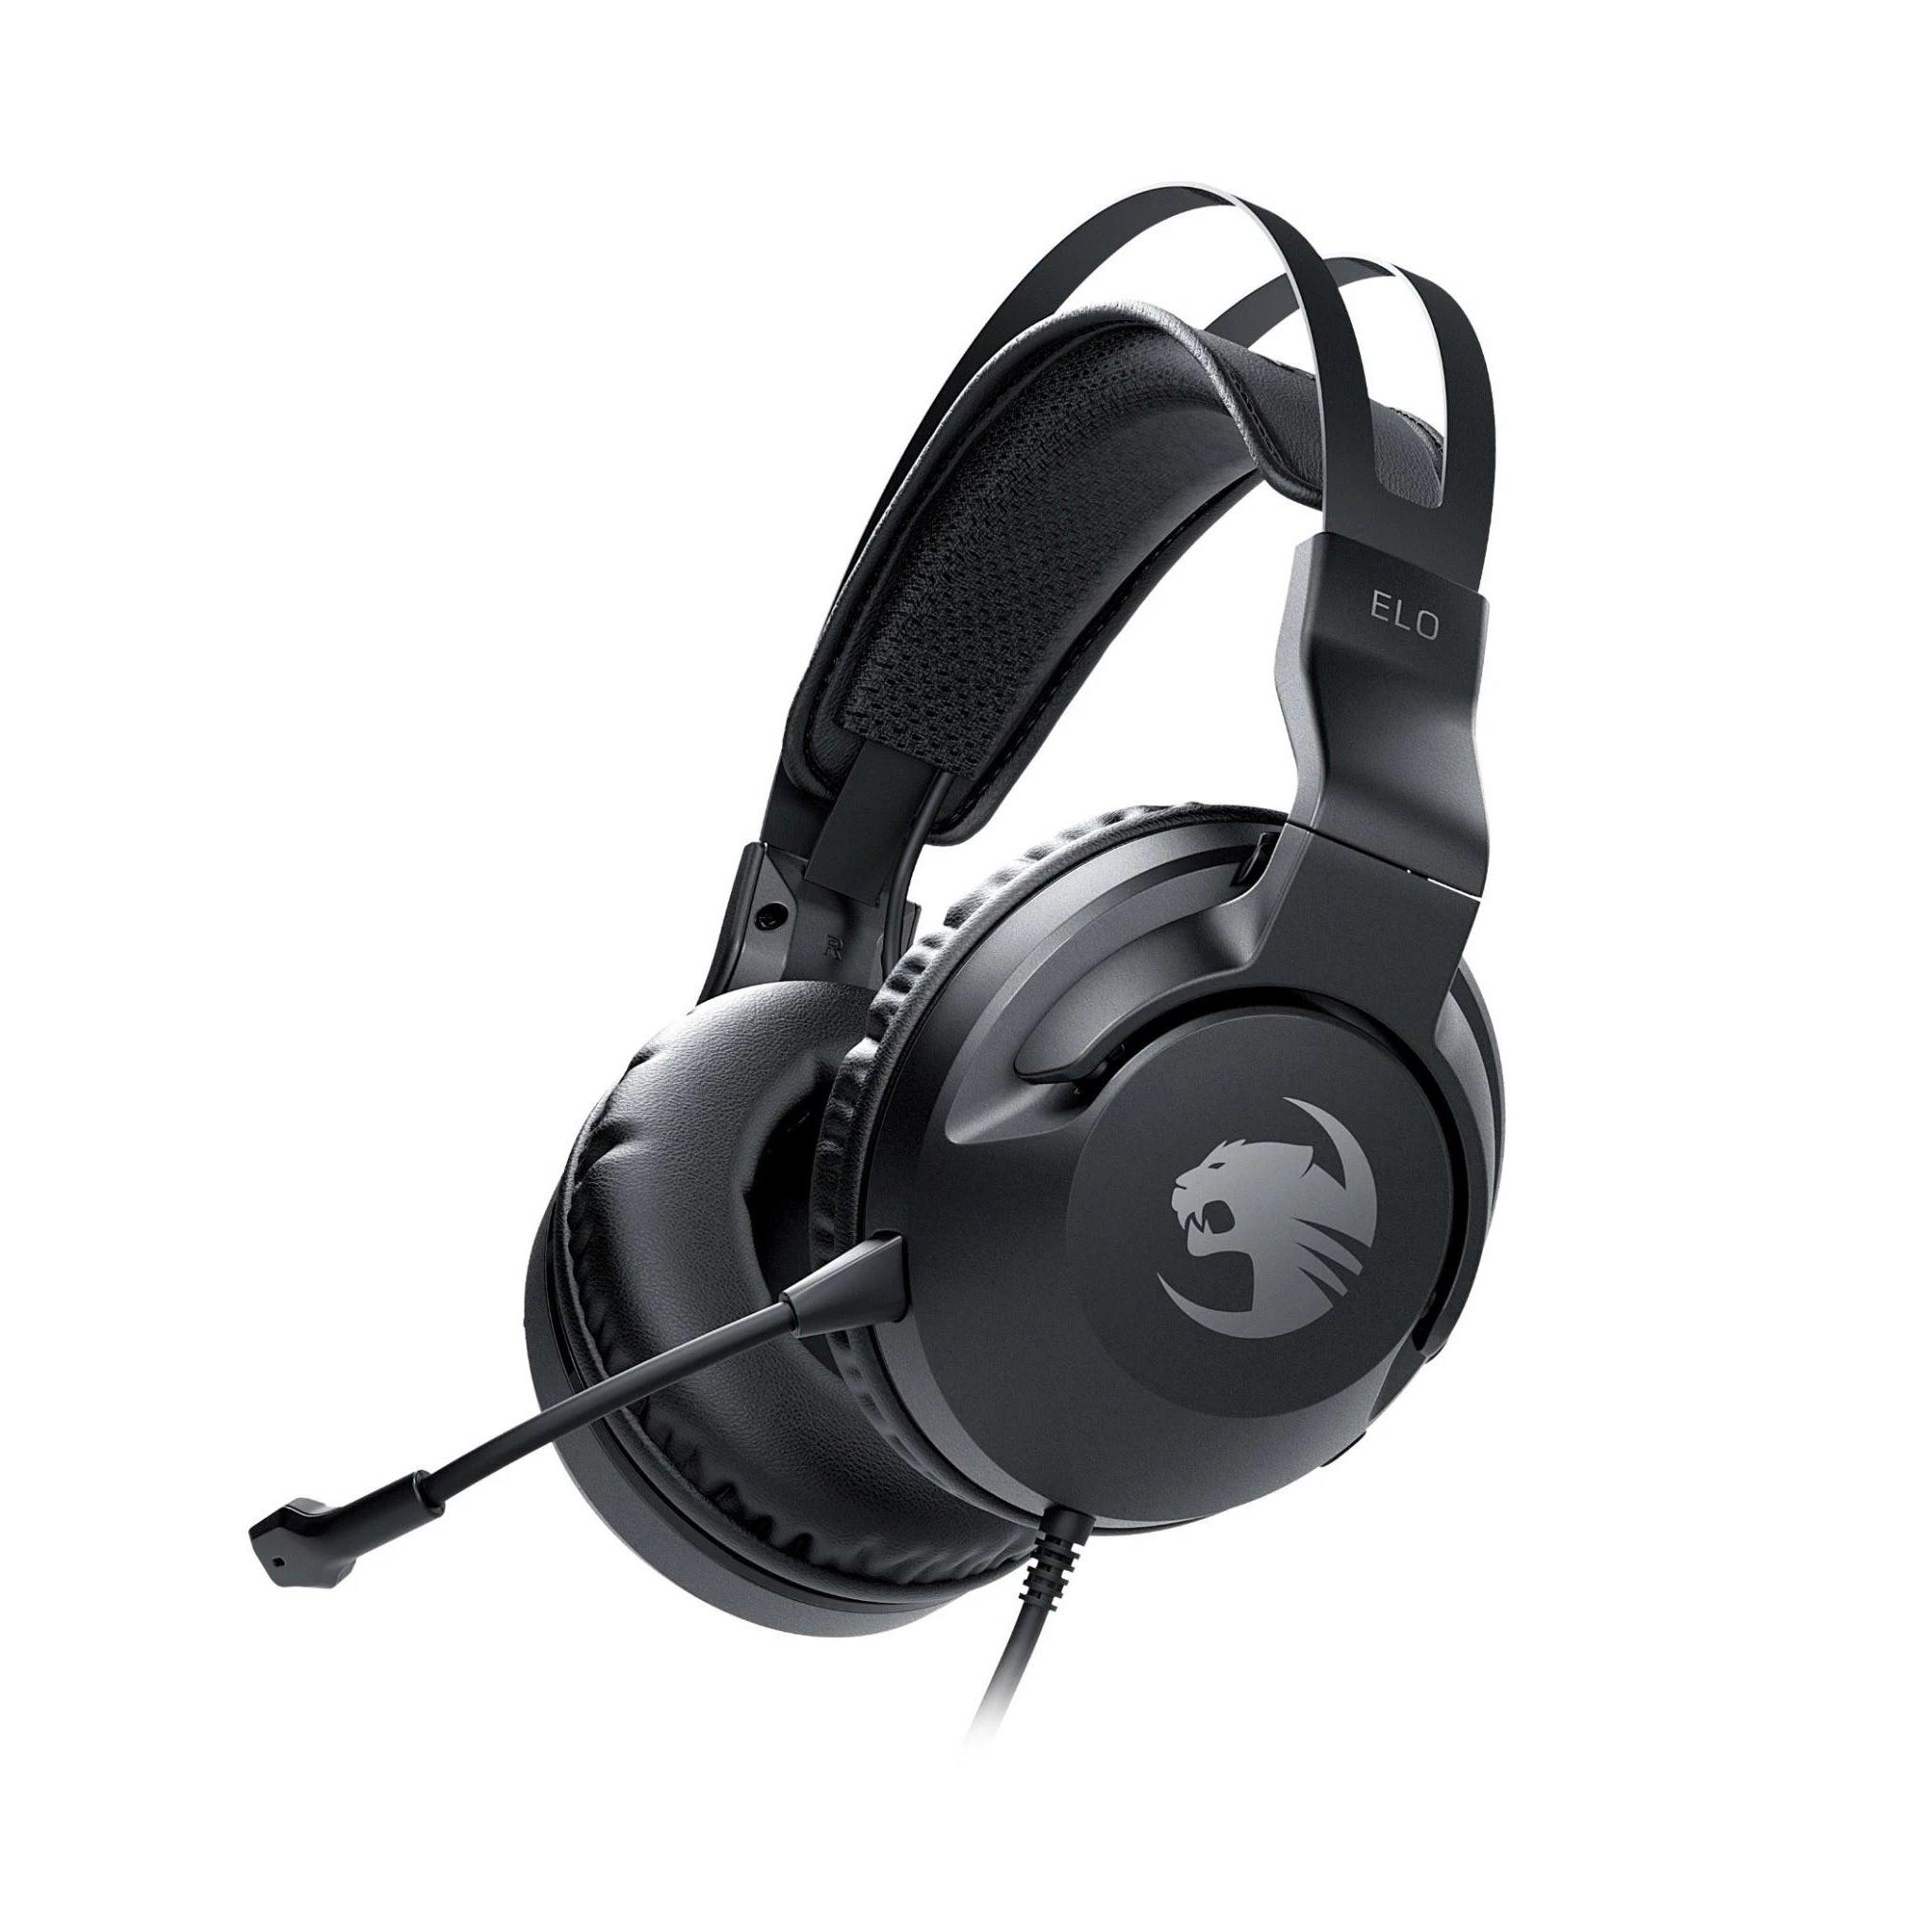 Roccat Elo X Stereo Gaming Headphones